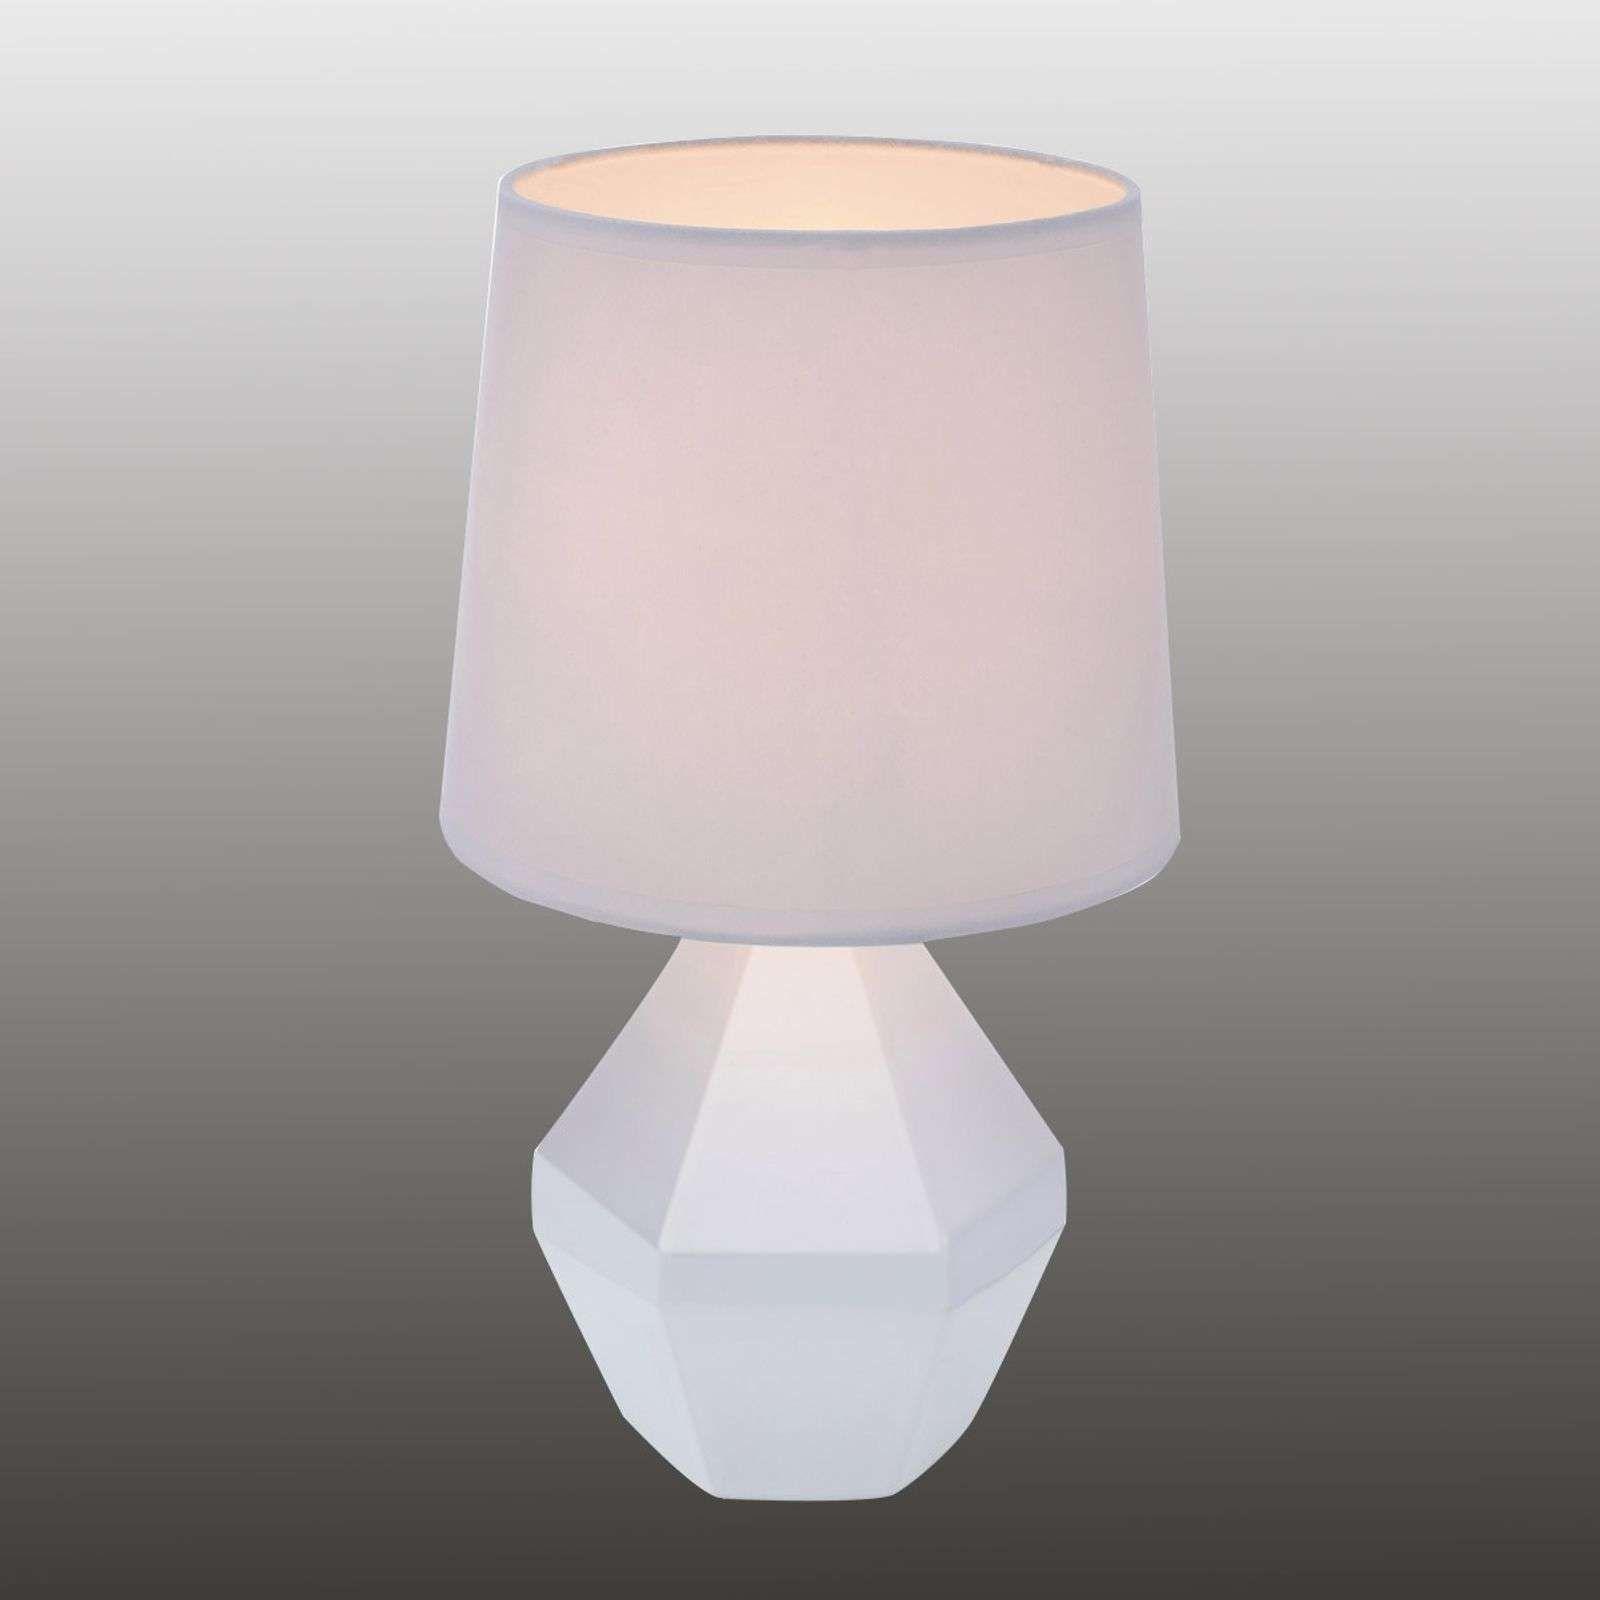 Staande Lamp Hout Zelf Maken Bureaulampje Groen Verlichting Staande Lamp Tafellamp Design Led Klassieke Tafellamp Zwart Tafellamp Bedlamp Wit Keramiek